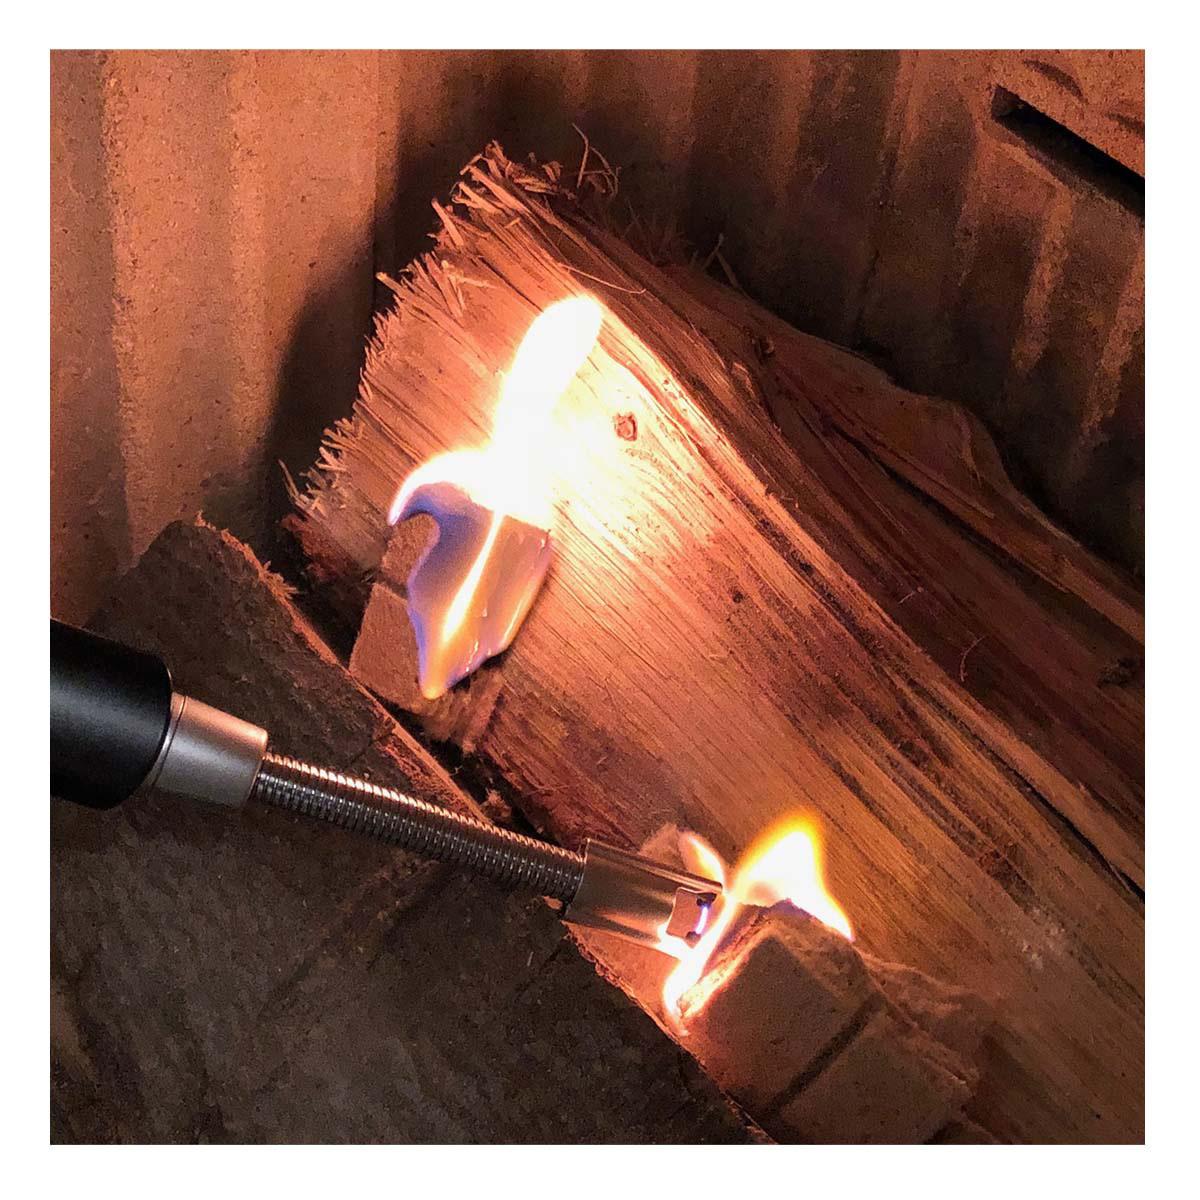 98-1118-01-elektronisches-lichtbogen-stabfeuerzeug-mit-flexiblem-hals-anwendung1-1200x1200px.jpg